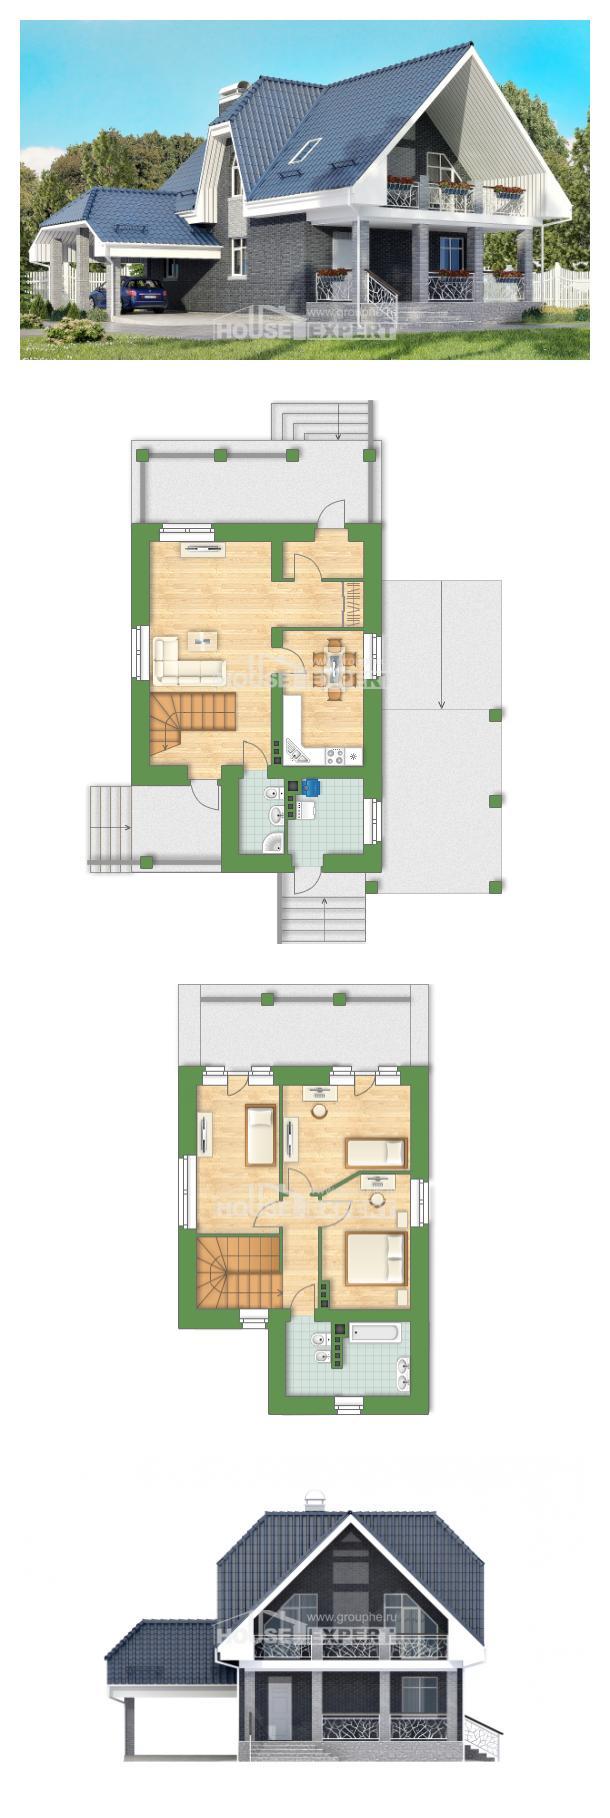 Проект на къща 125-002-L | House Expert